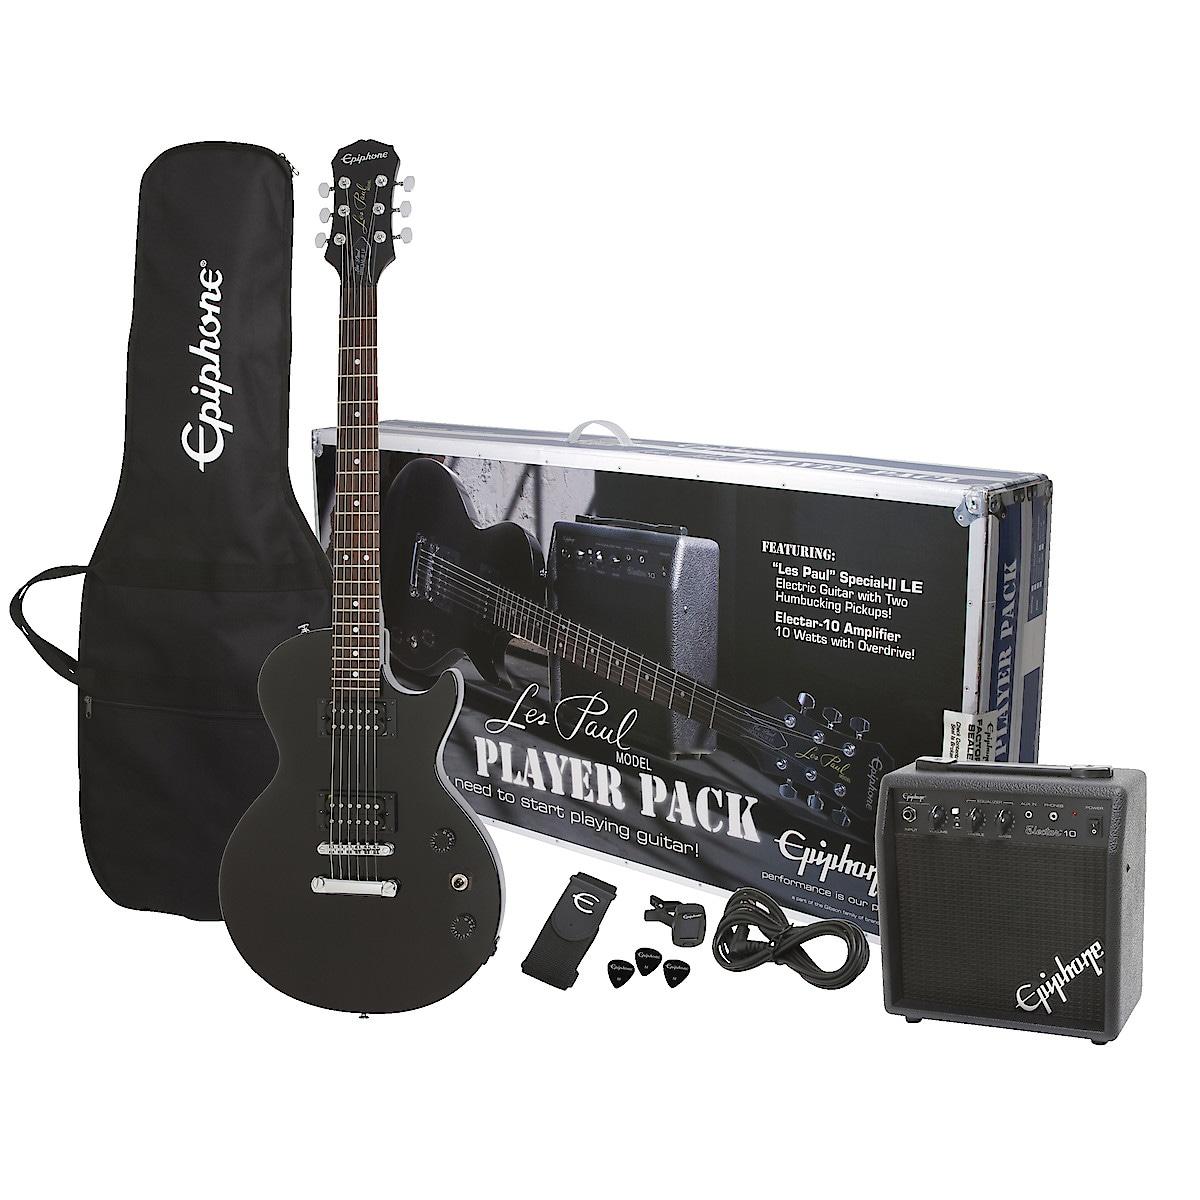 Les Paul by Epiphone elgitarpakke